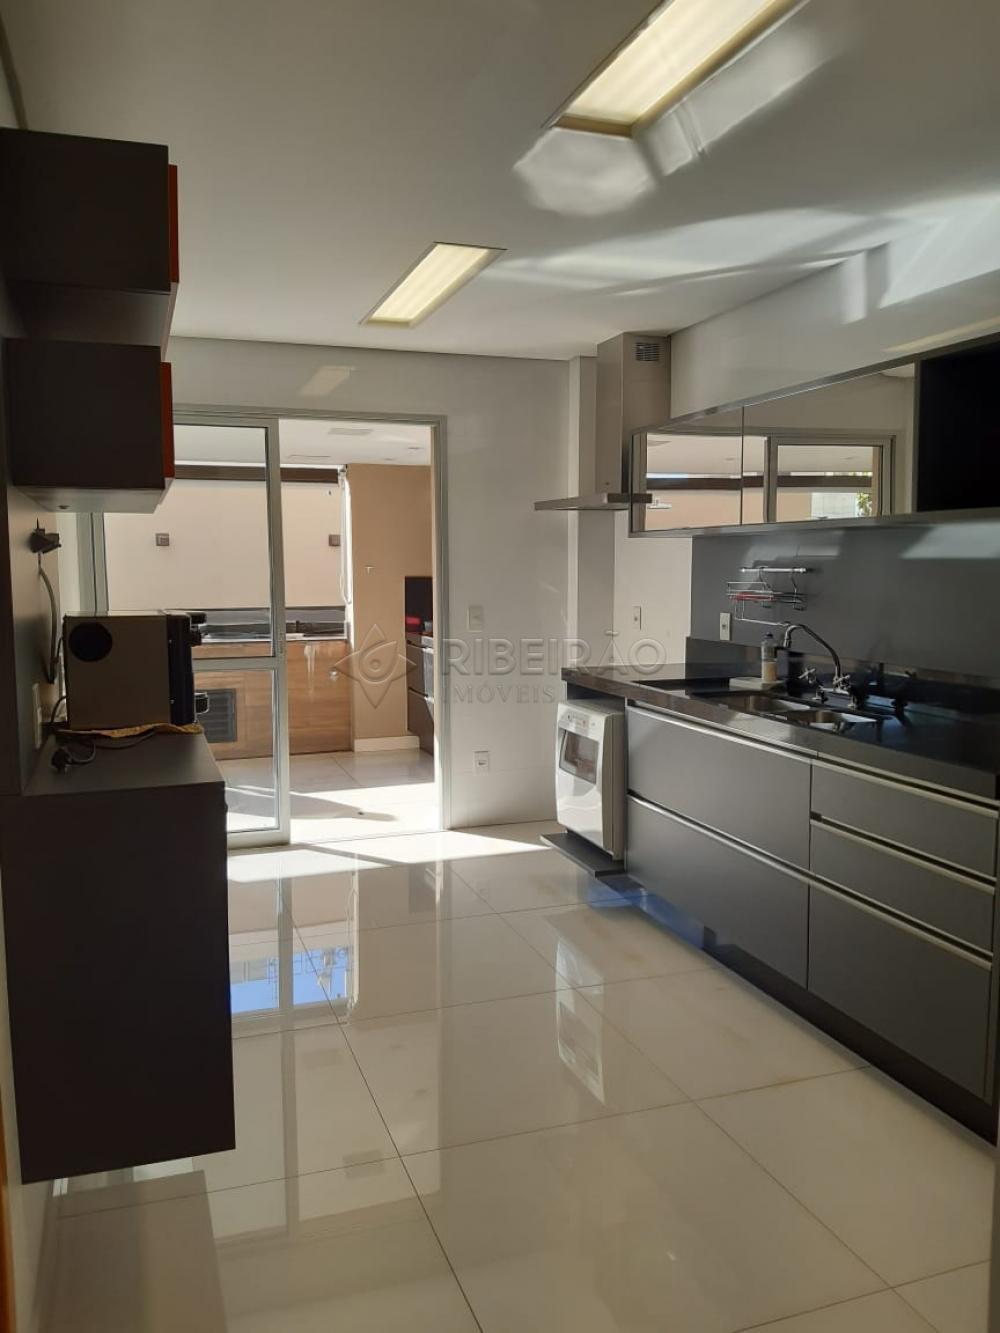 Comprar Apartamento / Cobertura em Ribeirão Preto R$ 1.900.000,00 - Foto 8